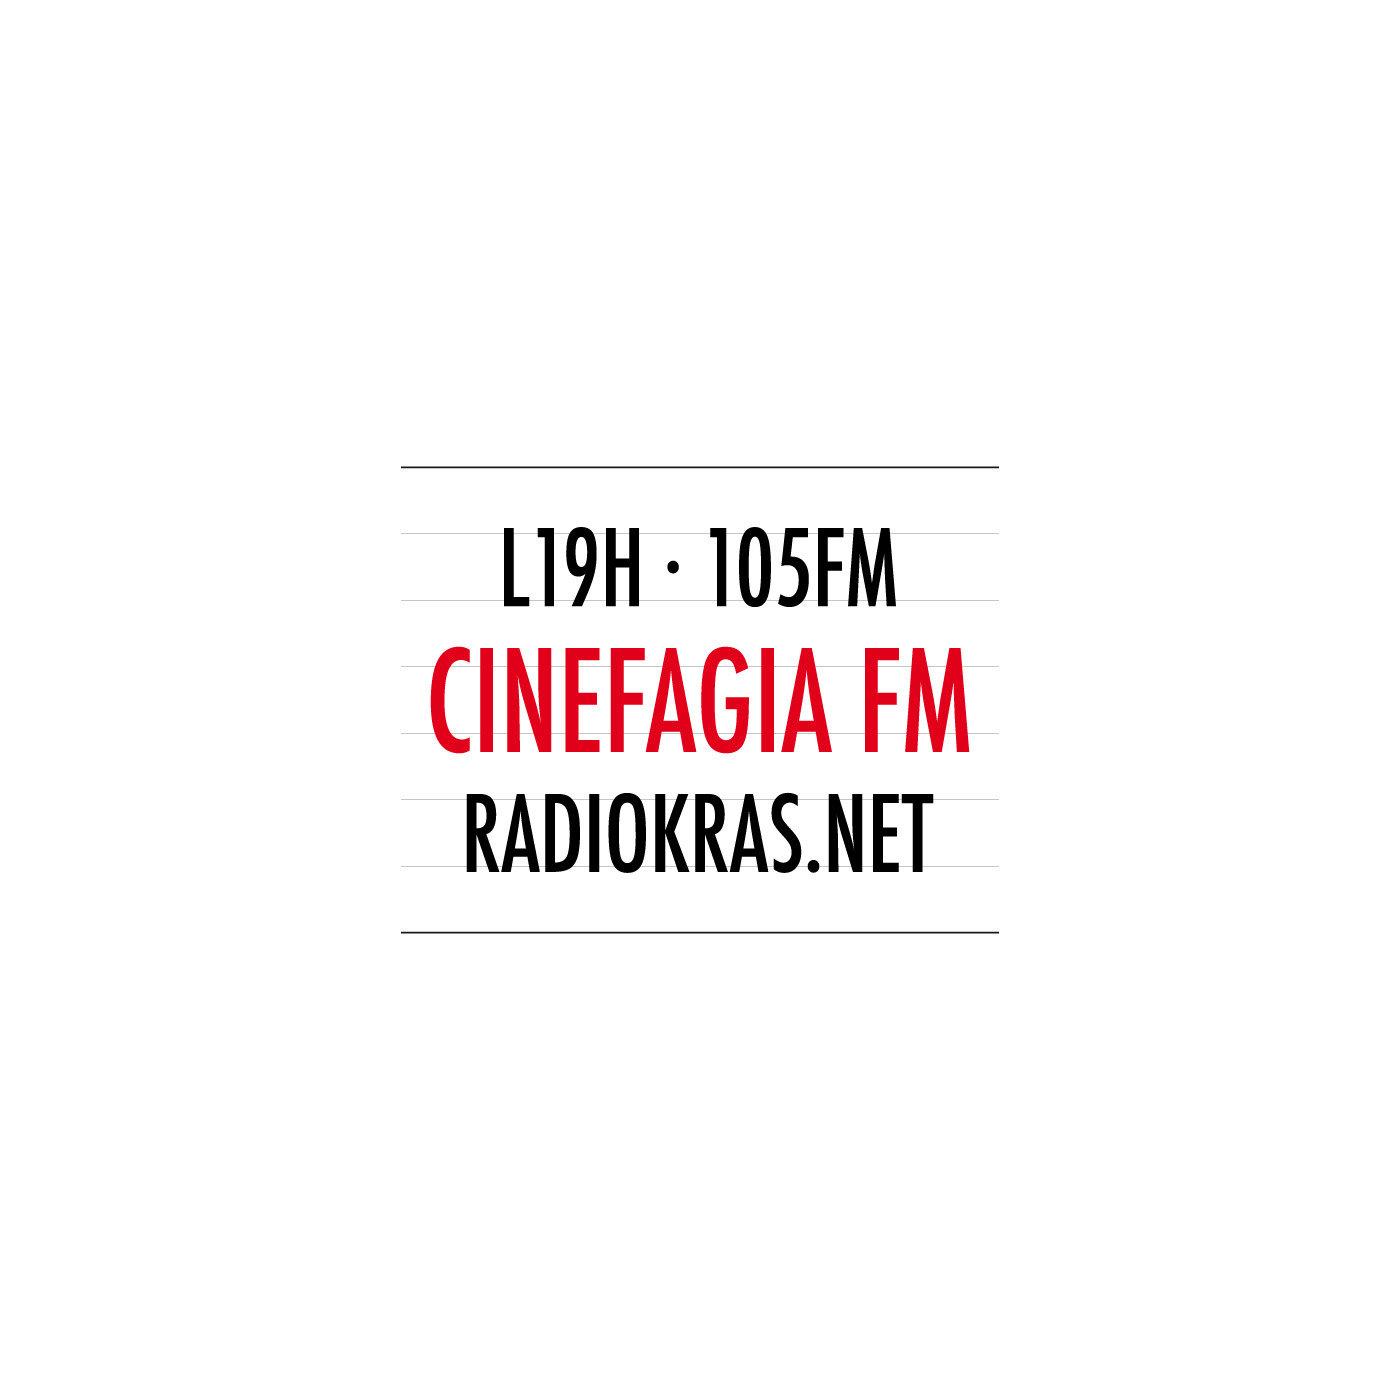 <![CDATA[Cinefagia FM]]>